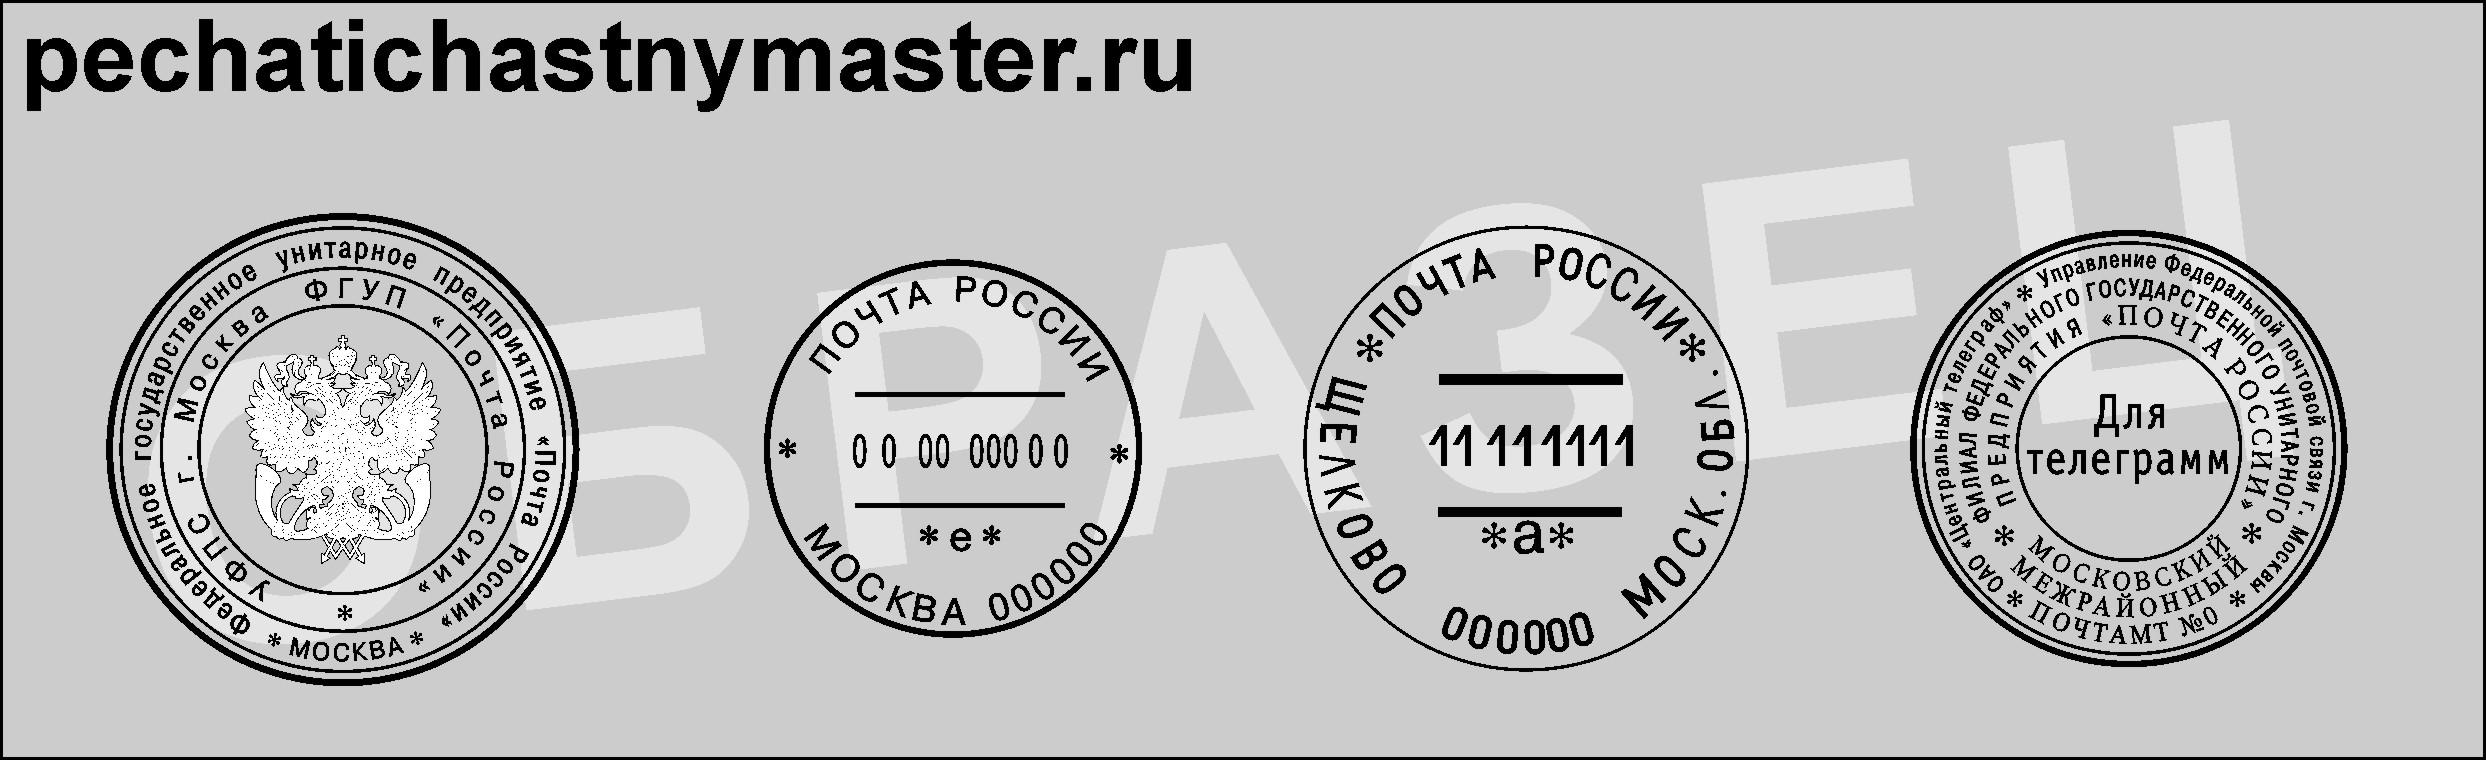 Печать почты